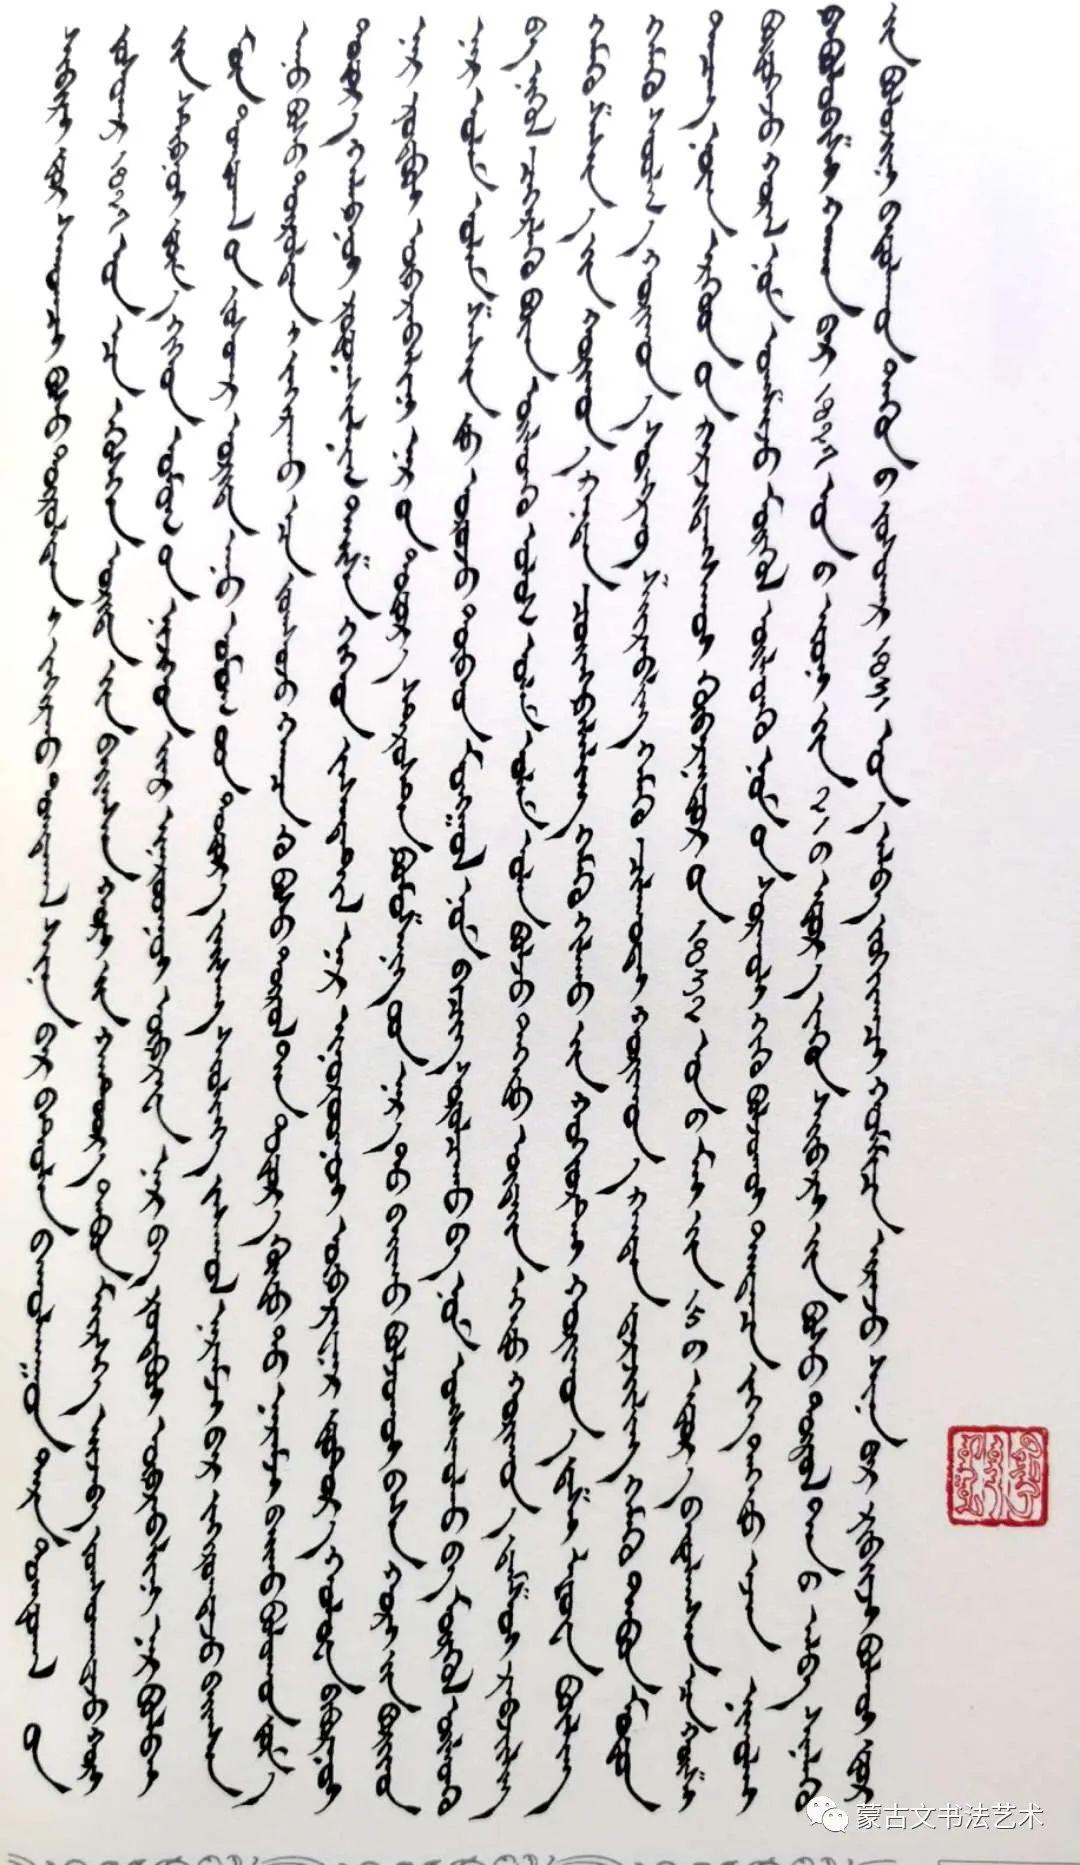 蒙古文经典文献当代书法名家手抄本之斯仁巴图《布里亚特史》 第6张